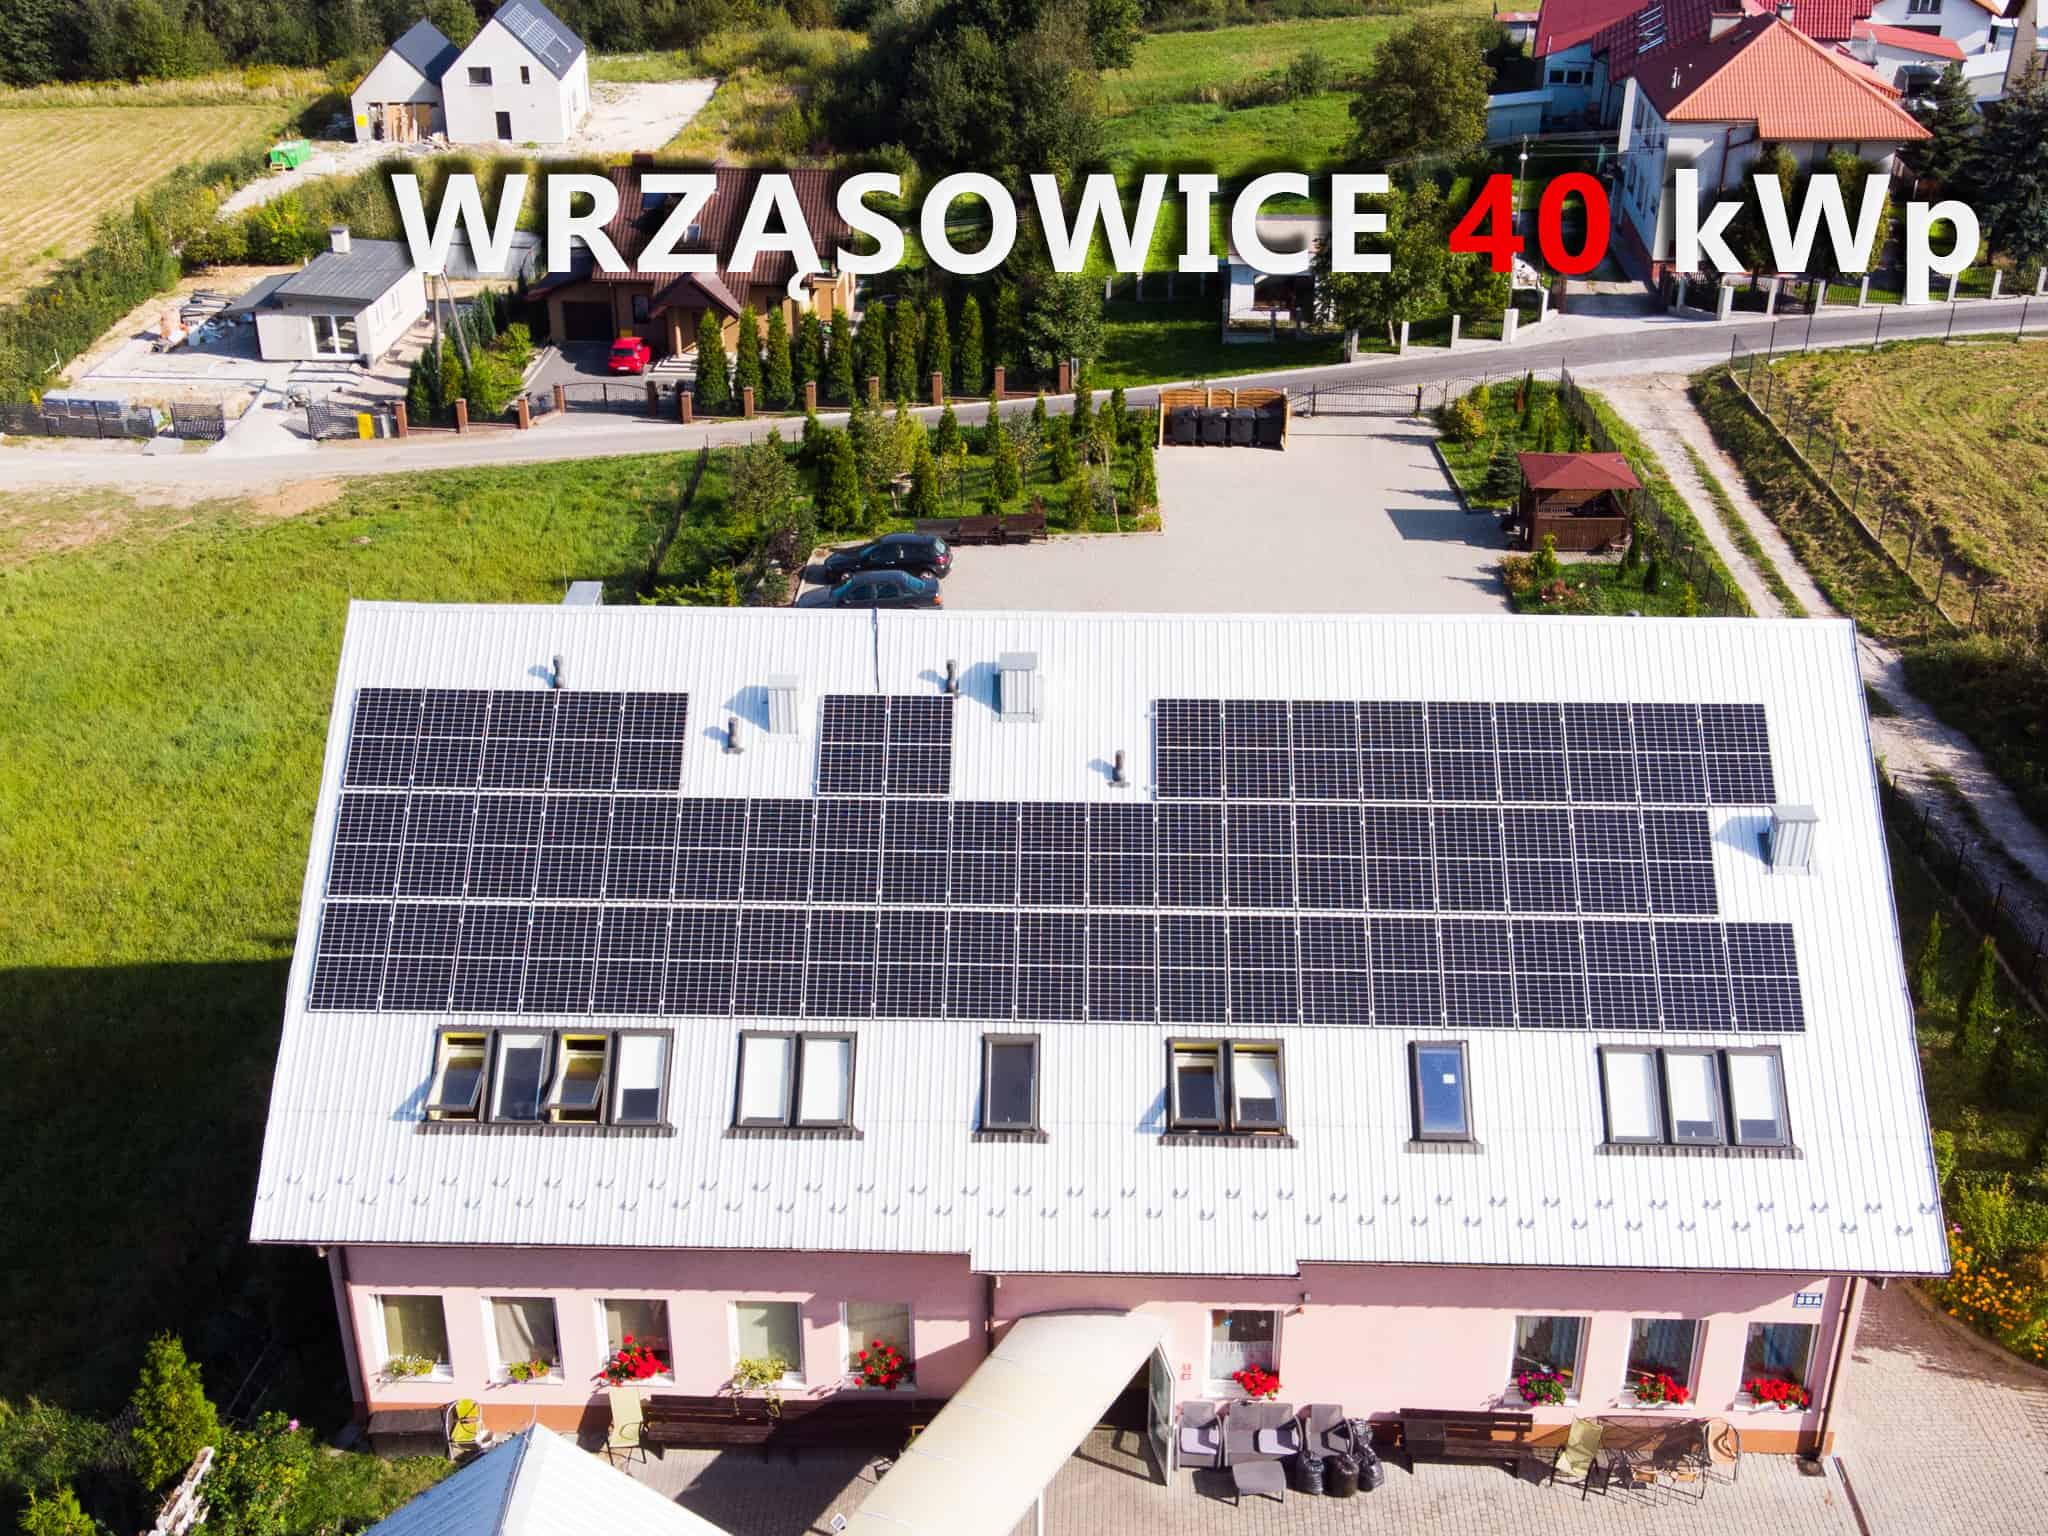 Wrząsowice 40 kWp